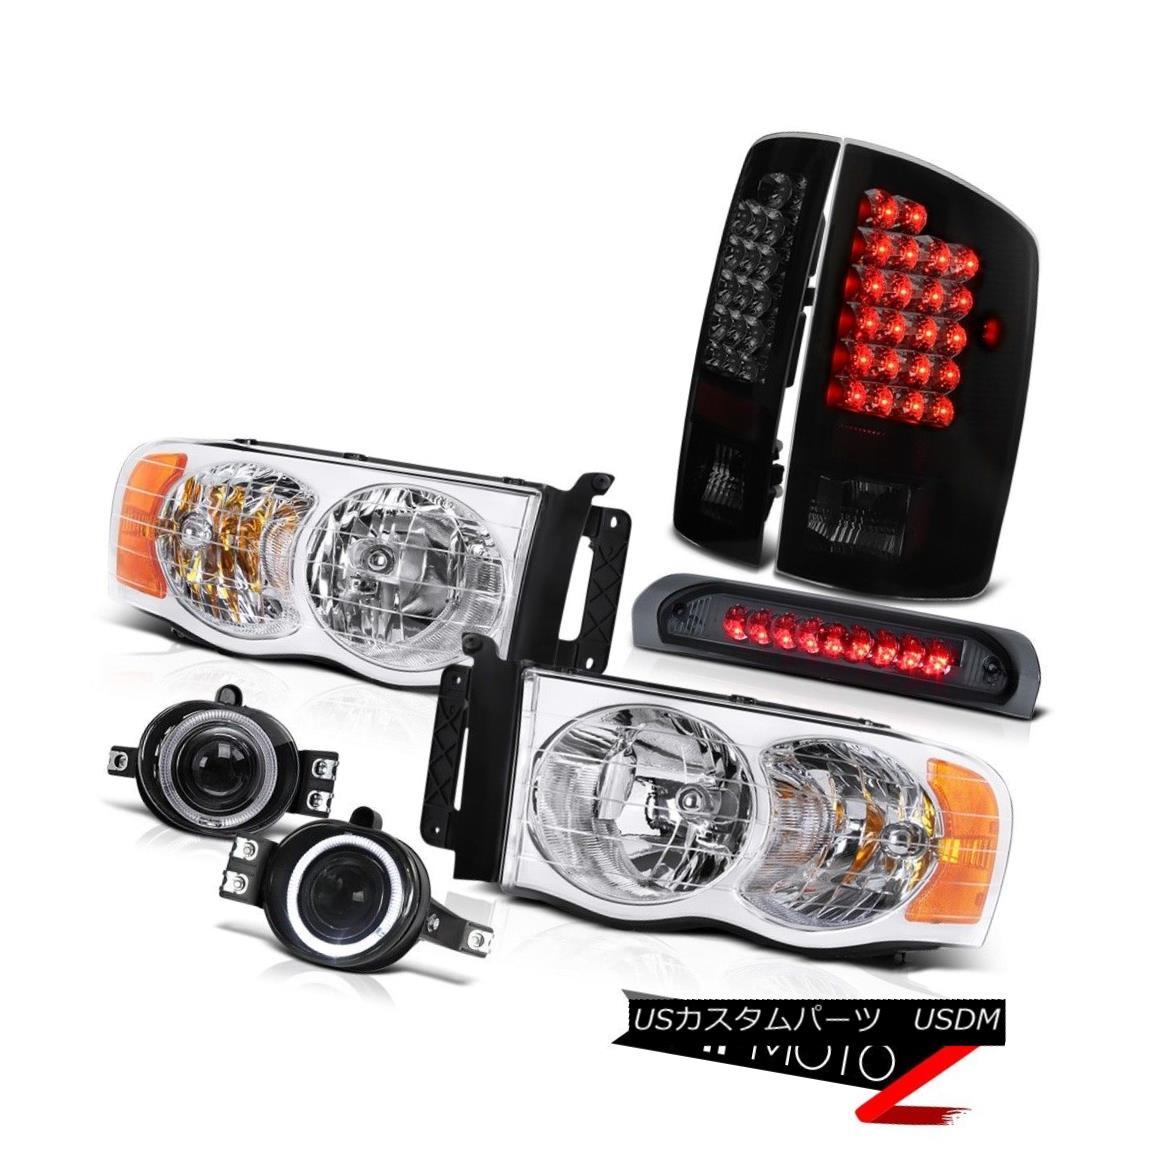 """ヘッドライト """"BEAST MODE"""" 02-05 Ram Halo Headlights+Driving Fog+3rd Brake Light+LED Taillamps """"BEAST MODE"""" 02-05ラムハローヘッドライト+ドライ フォグ+第3ブレーキライト+ LEDタイルランプ"""